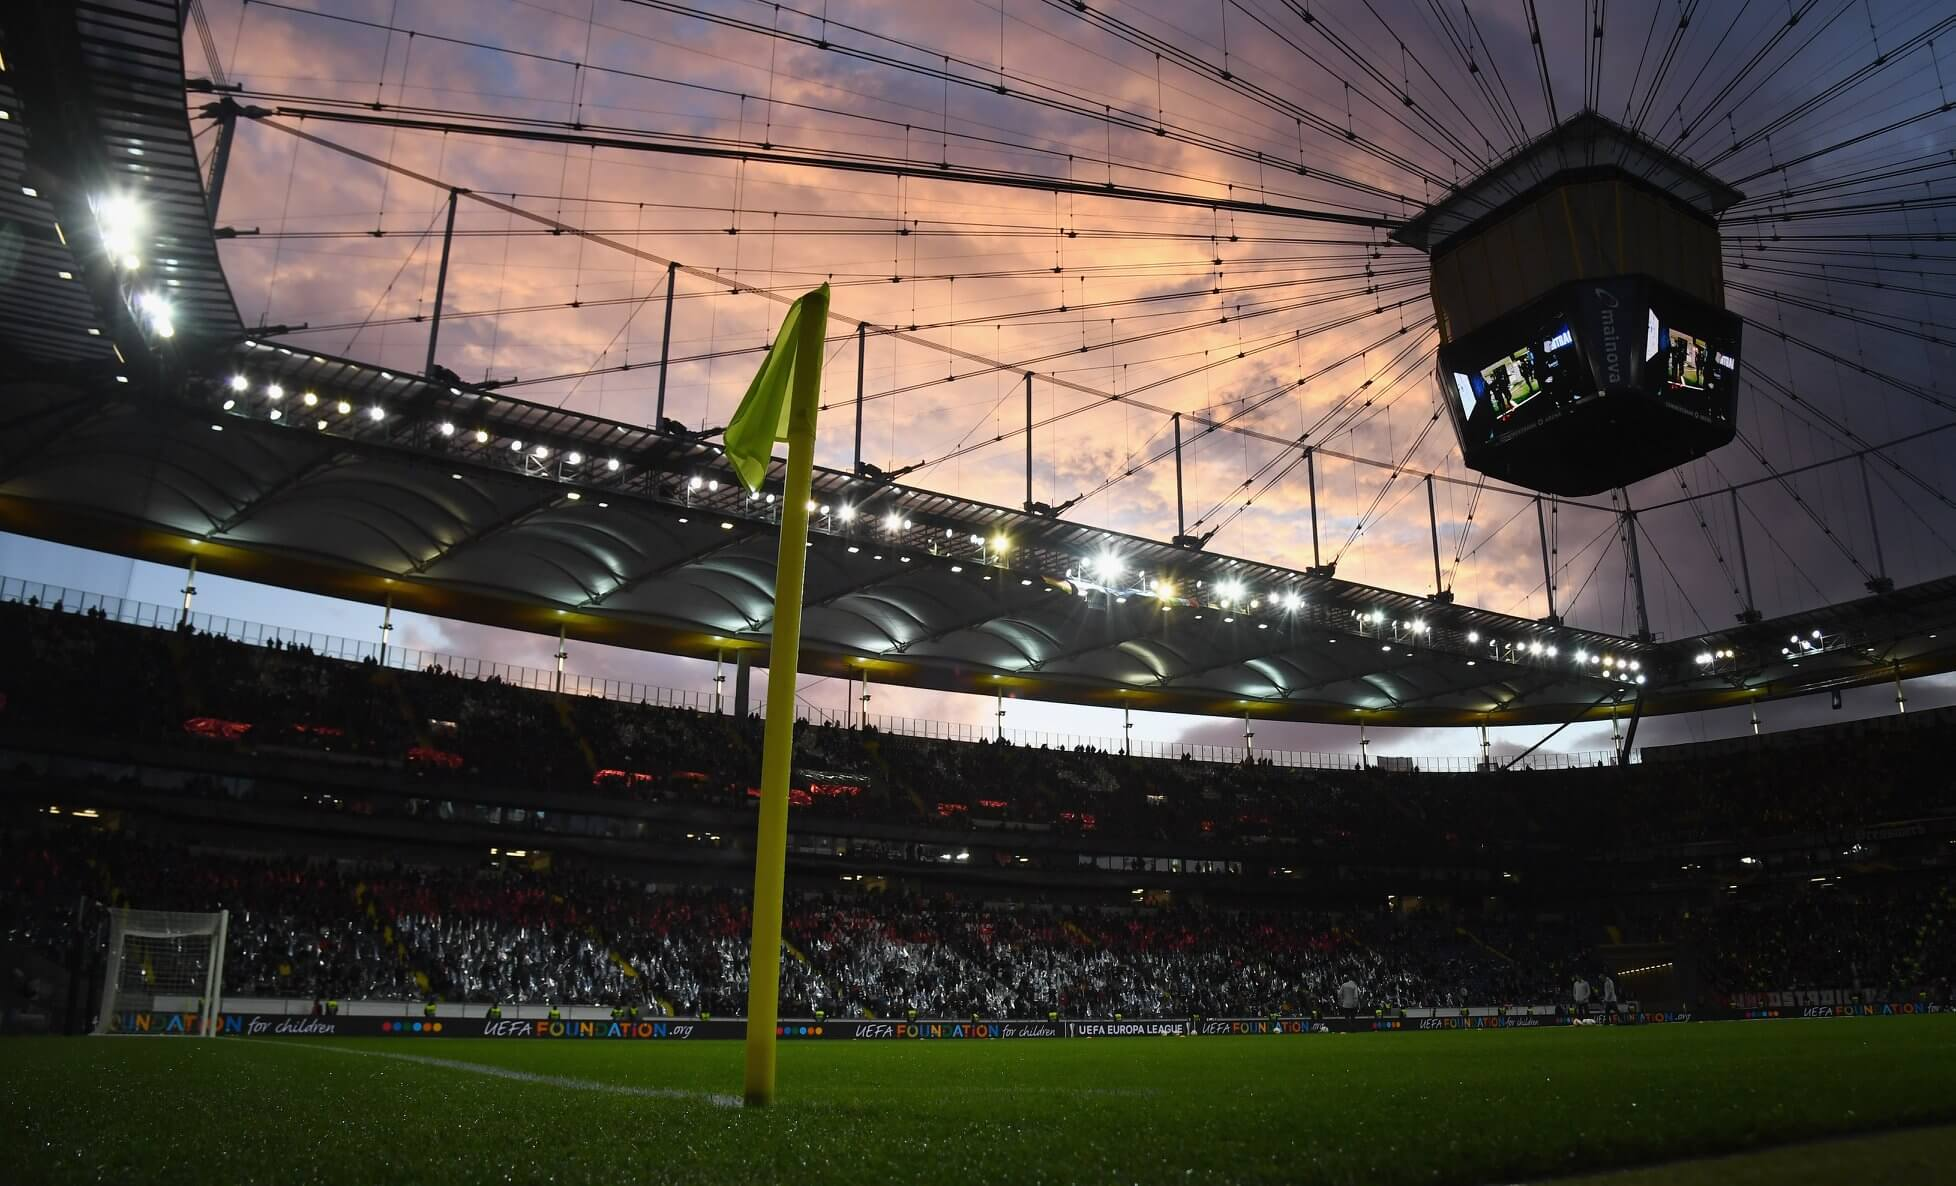 Derby in Manchester